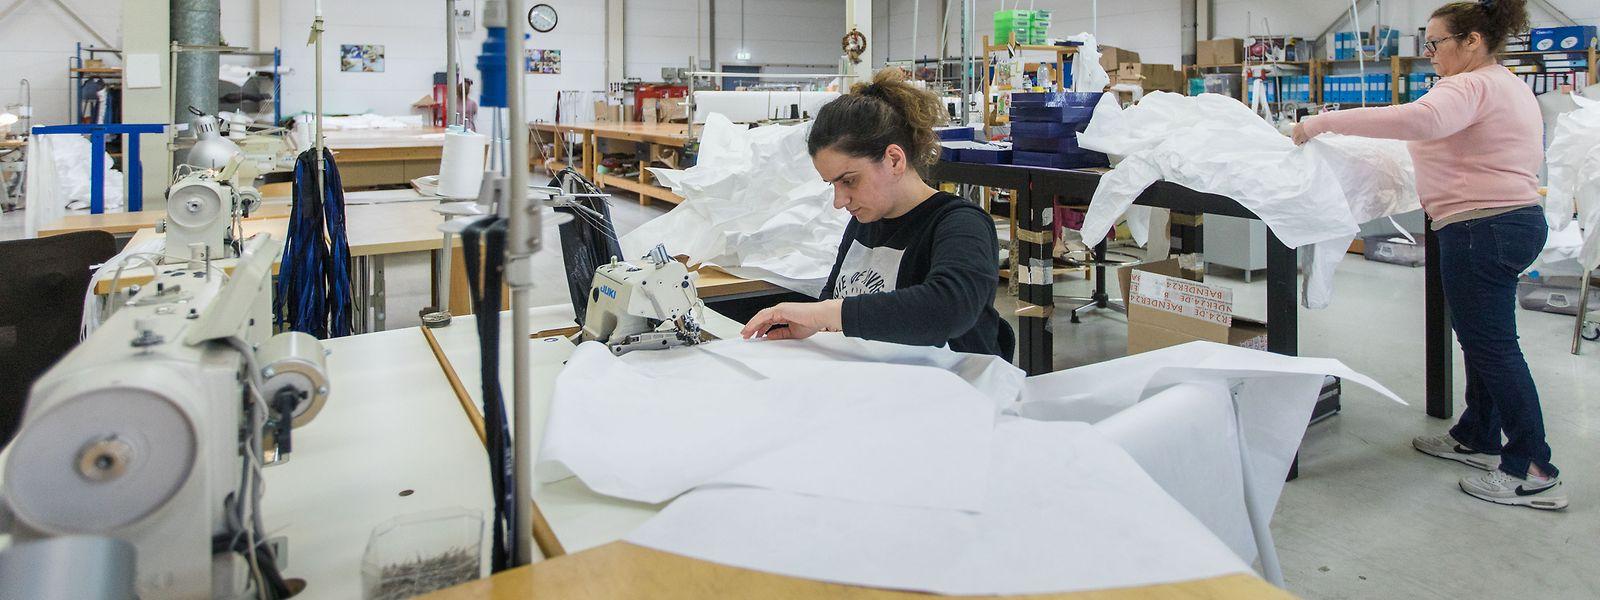 De 200 combinaisons en Tyvek par jour, la production dans l'atelier Eva Ferranti est passée à 500 unités. Le projet est financièrement bouclé.